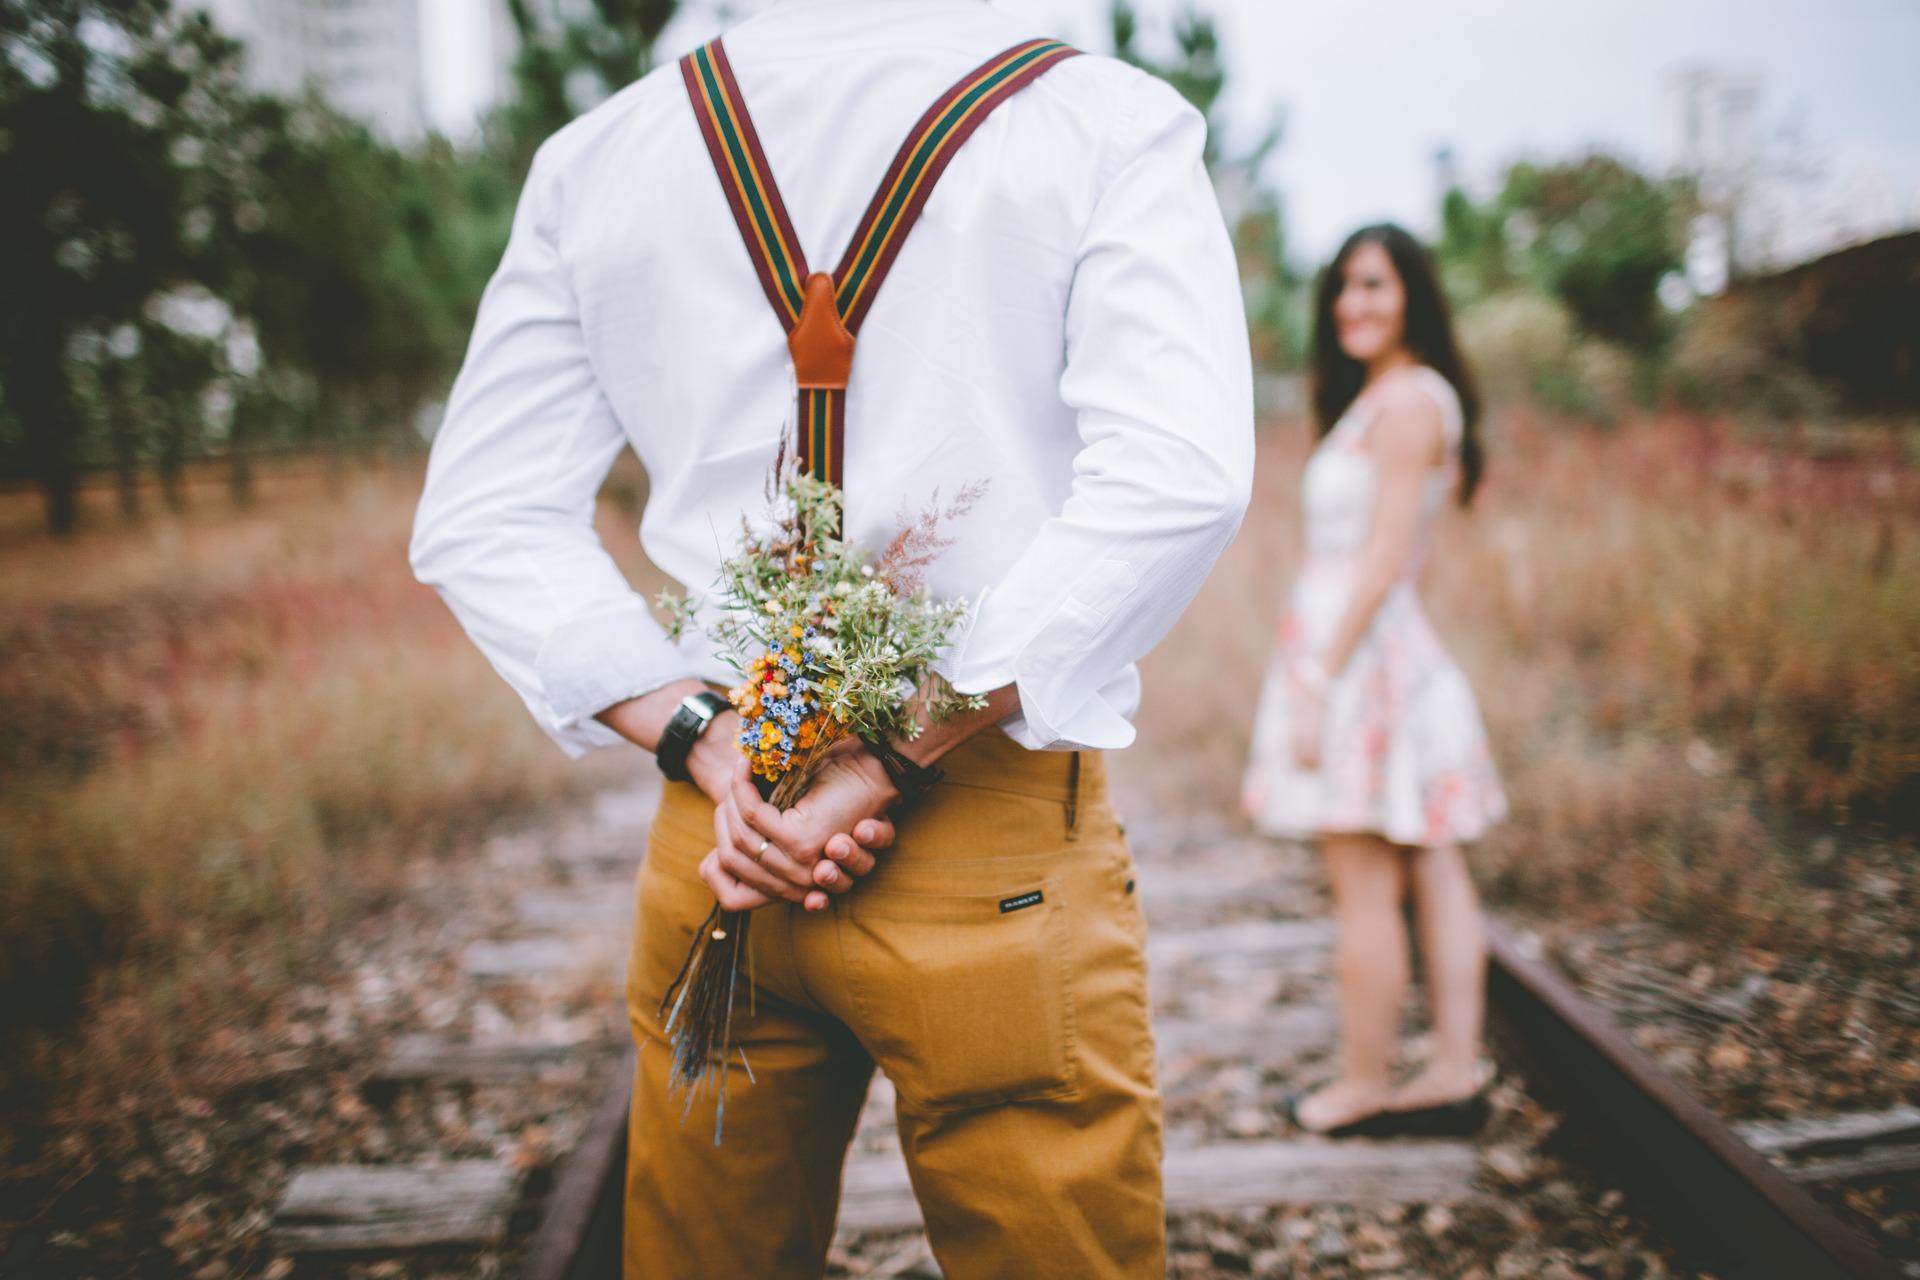 La ricetta per un matrimonio felice? Marito alto e moglie bassa